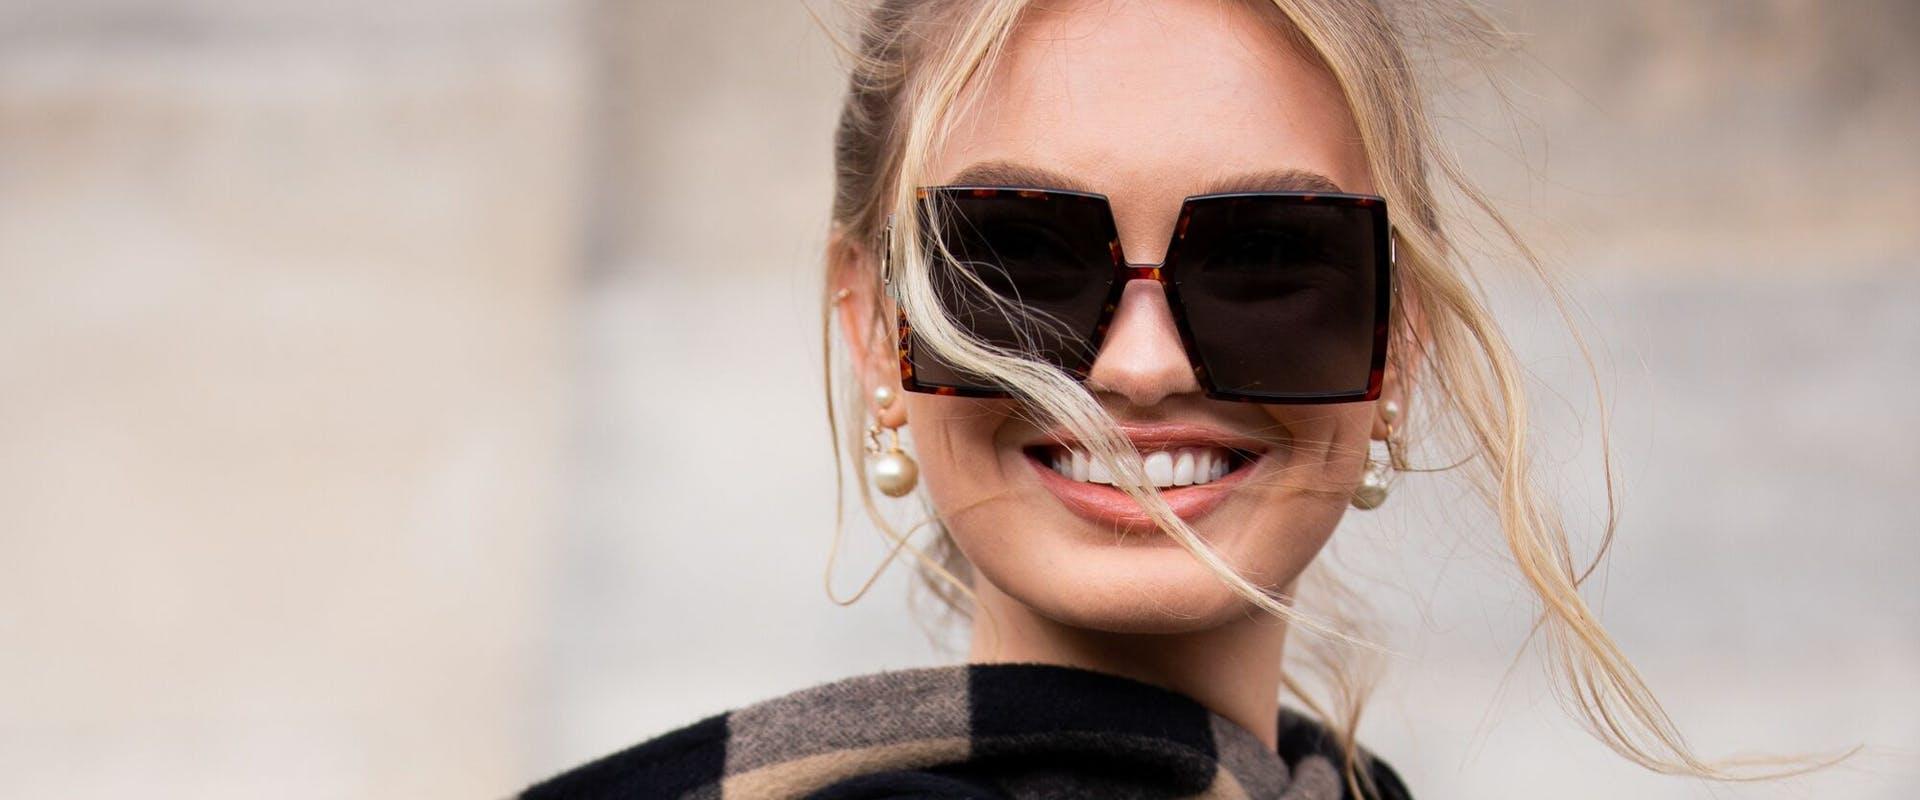 Sunglasses - essential even in winter